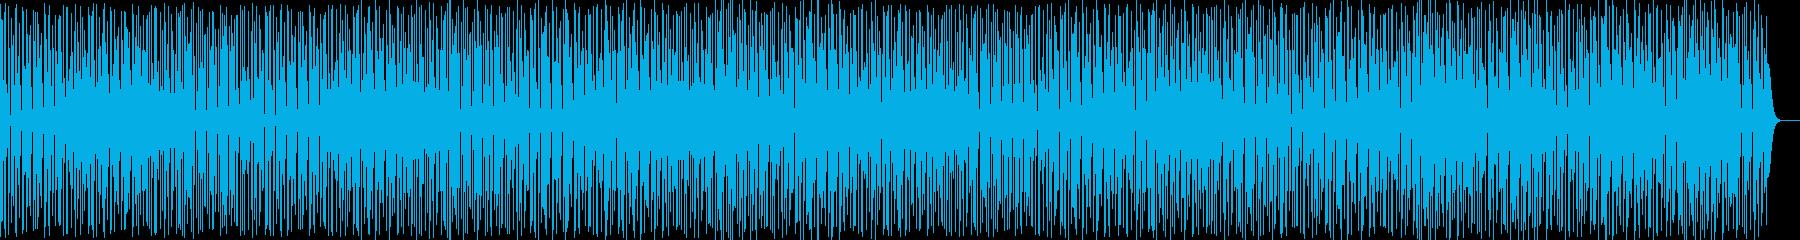 シンキングタイムやゲームの選択画面などにの再生済みの波形